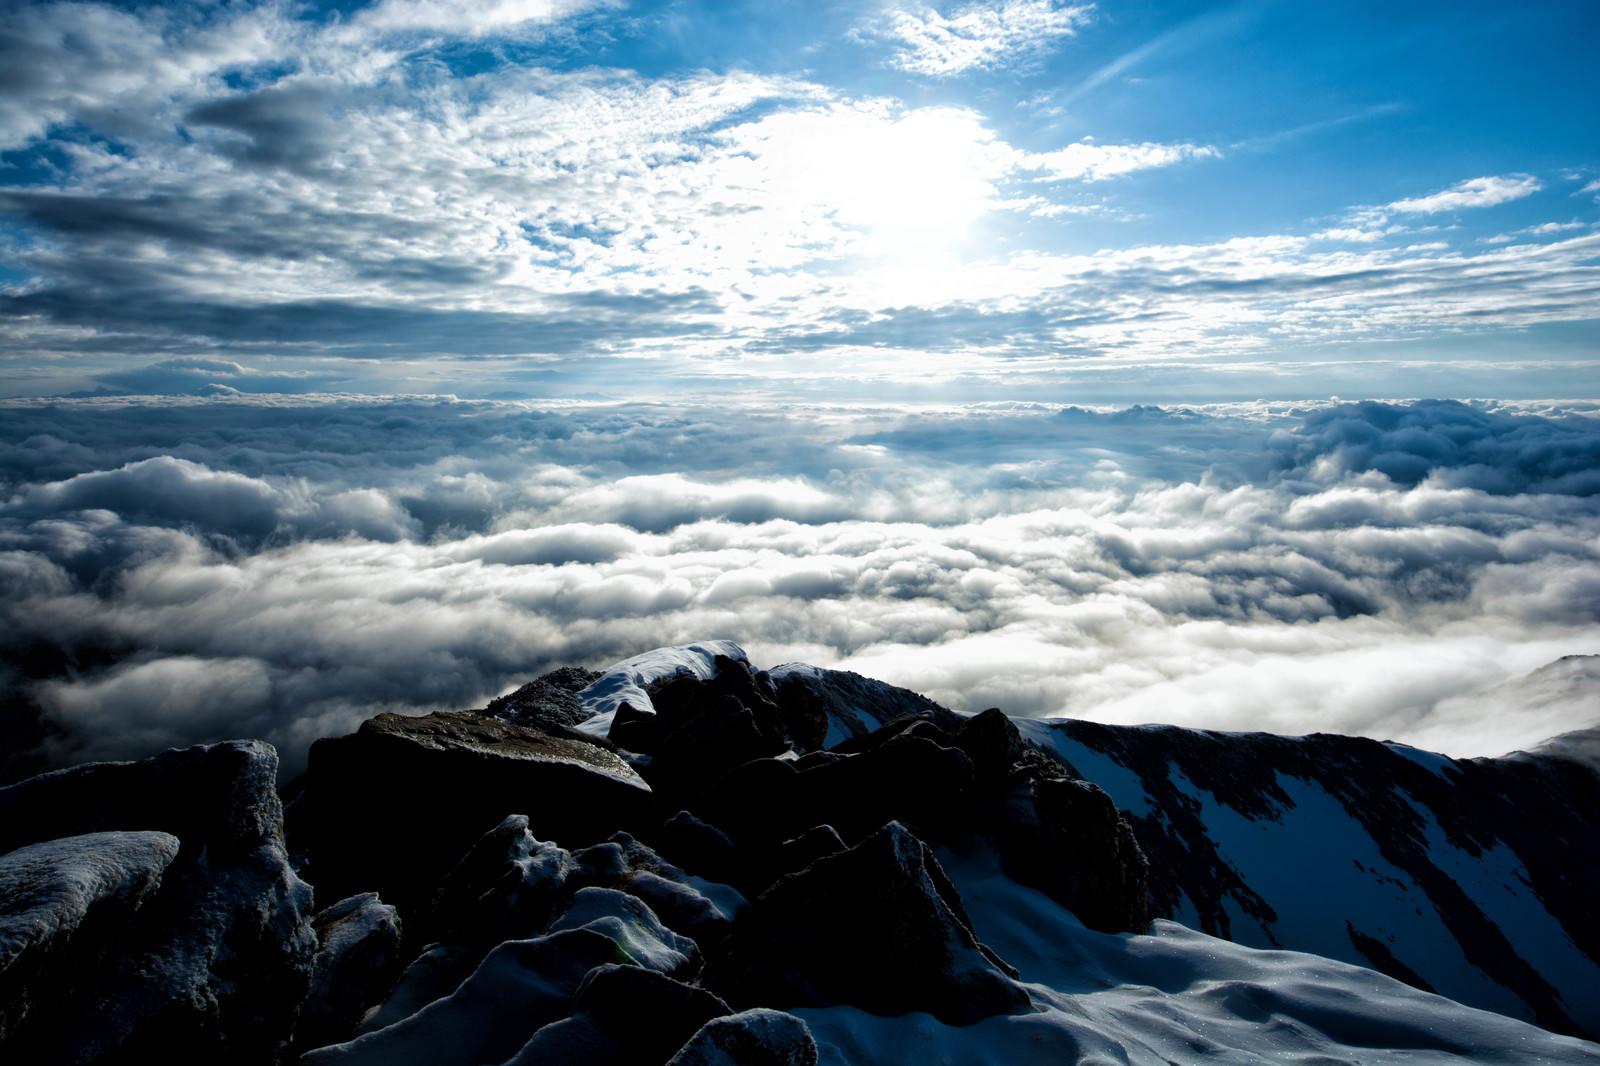 「山頂から眼下に広がる雲海」の写真